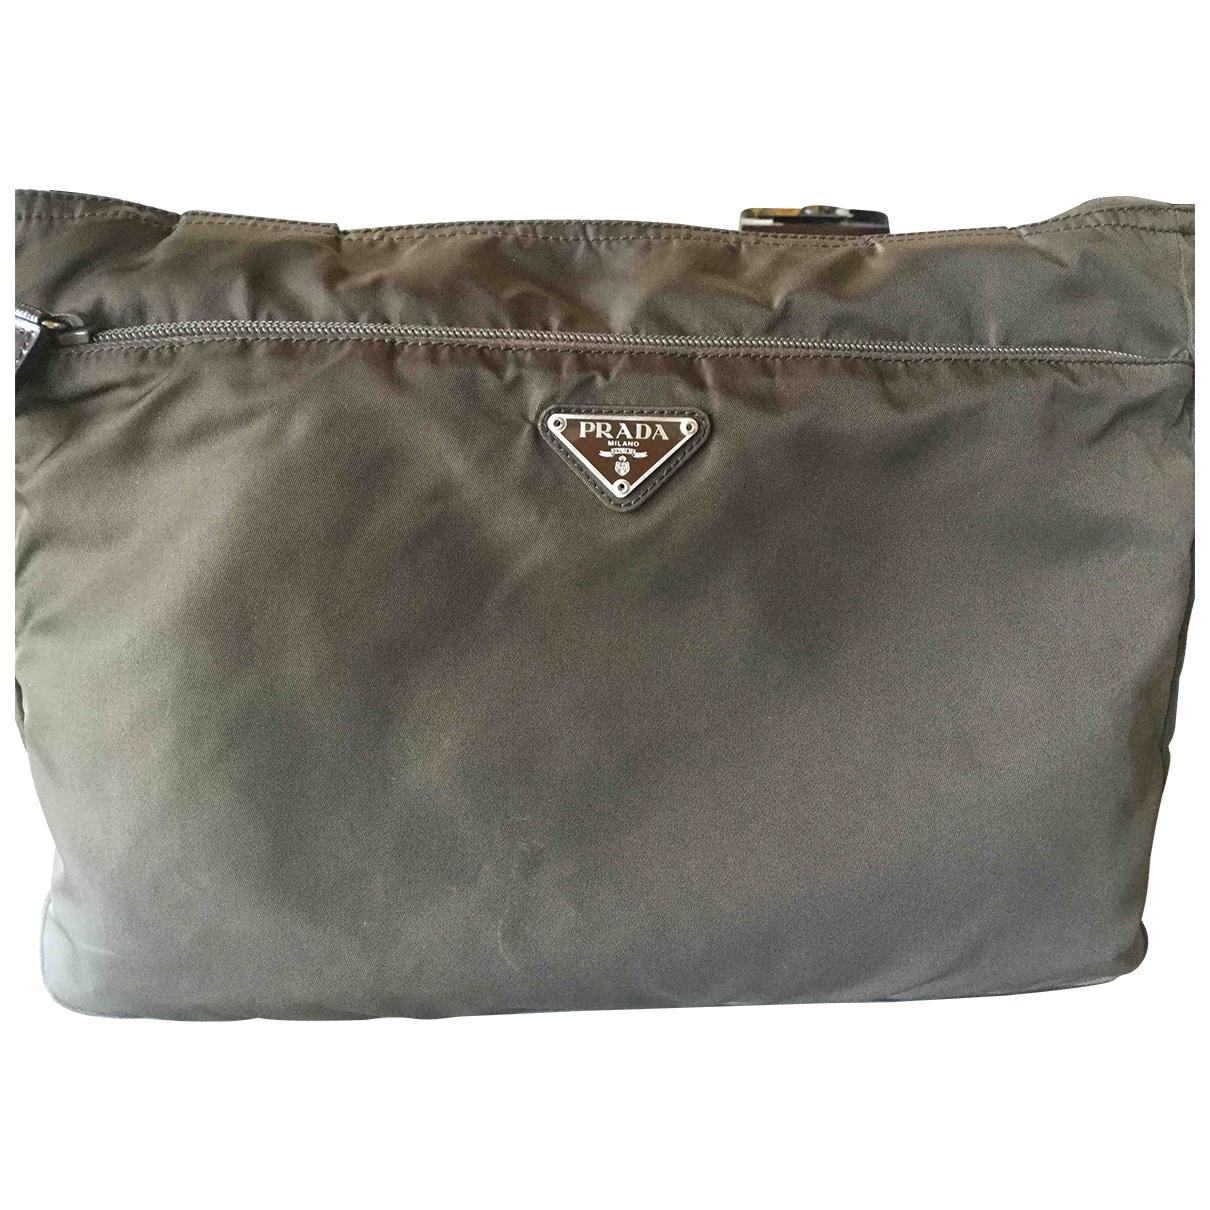 Prada \N Handtasche in  Braun Polyester